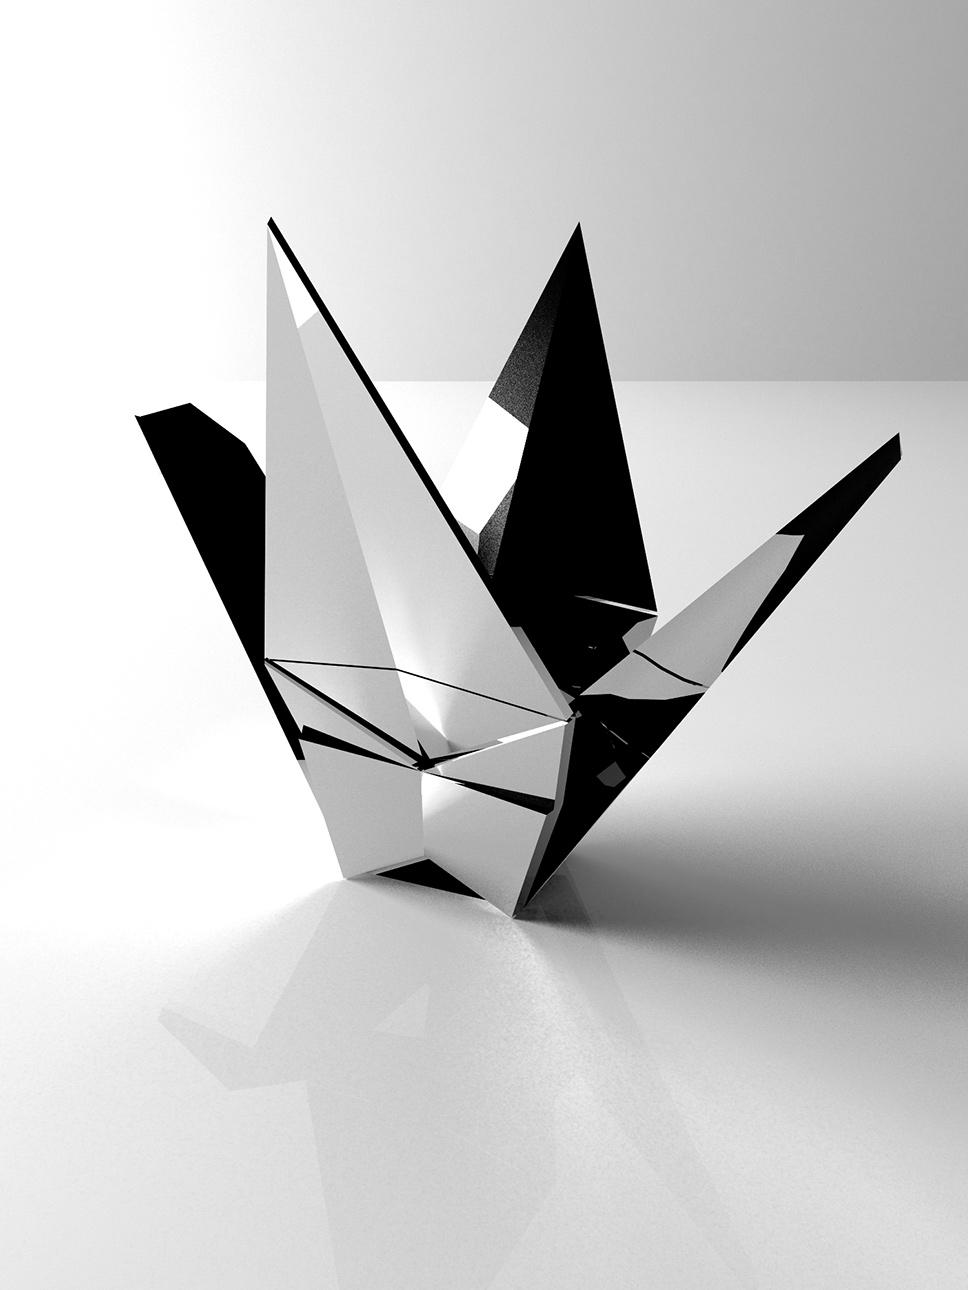 Product design rubinetterie Origami - progettazione, modellazione 3D e rendering